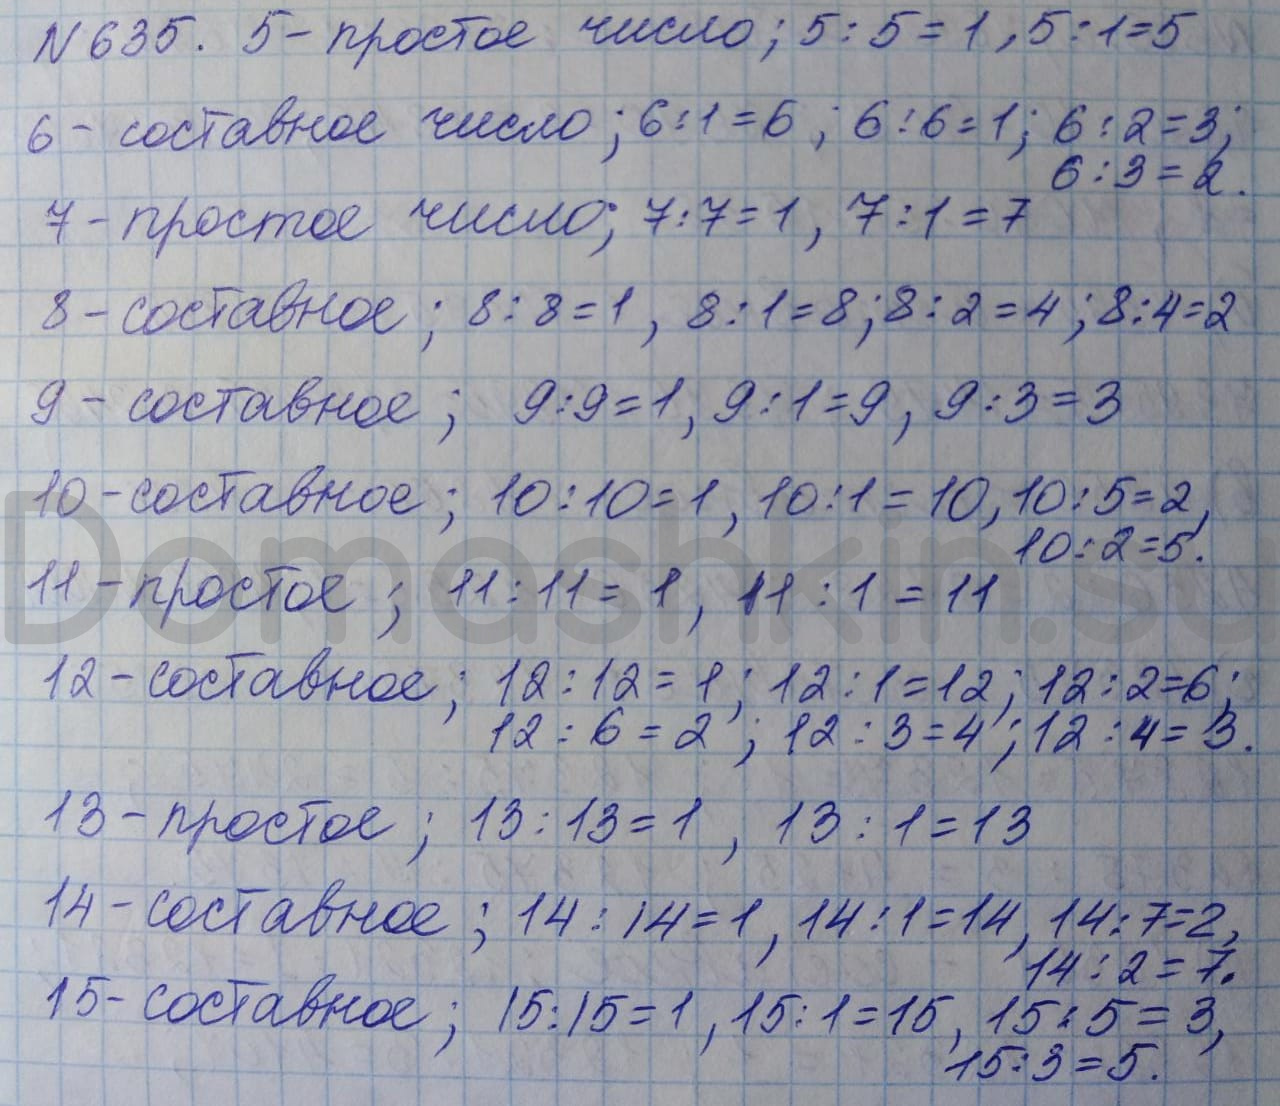 Математика 5 класс учебник Никольский номер 635 решение